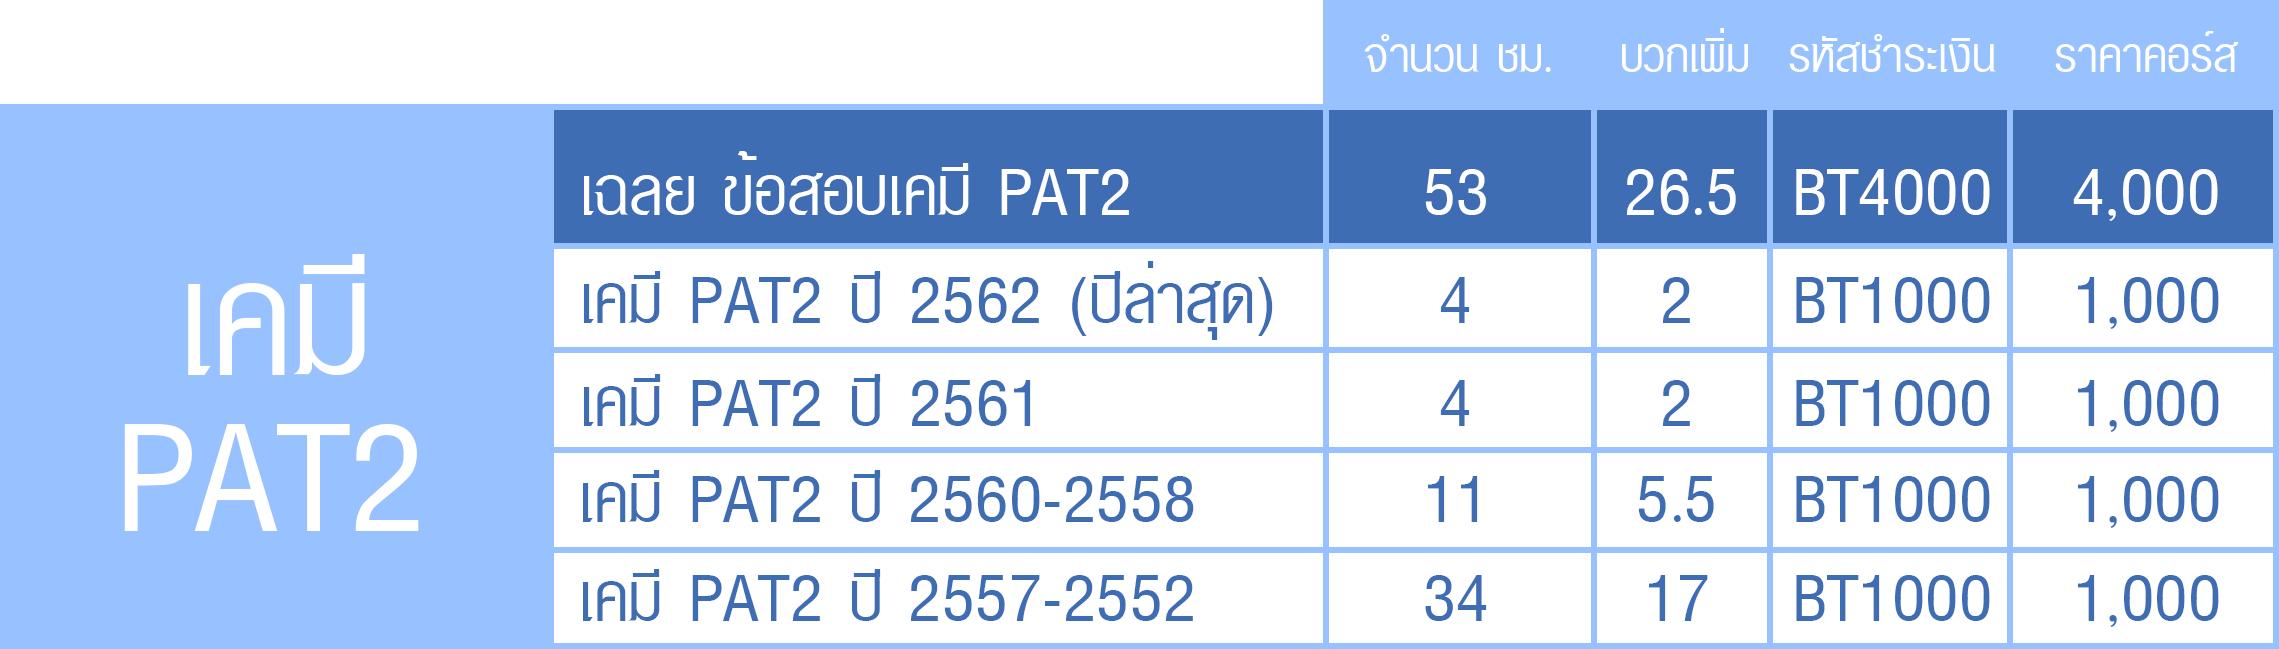 เคมี PAT 2 ปี 2562